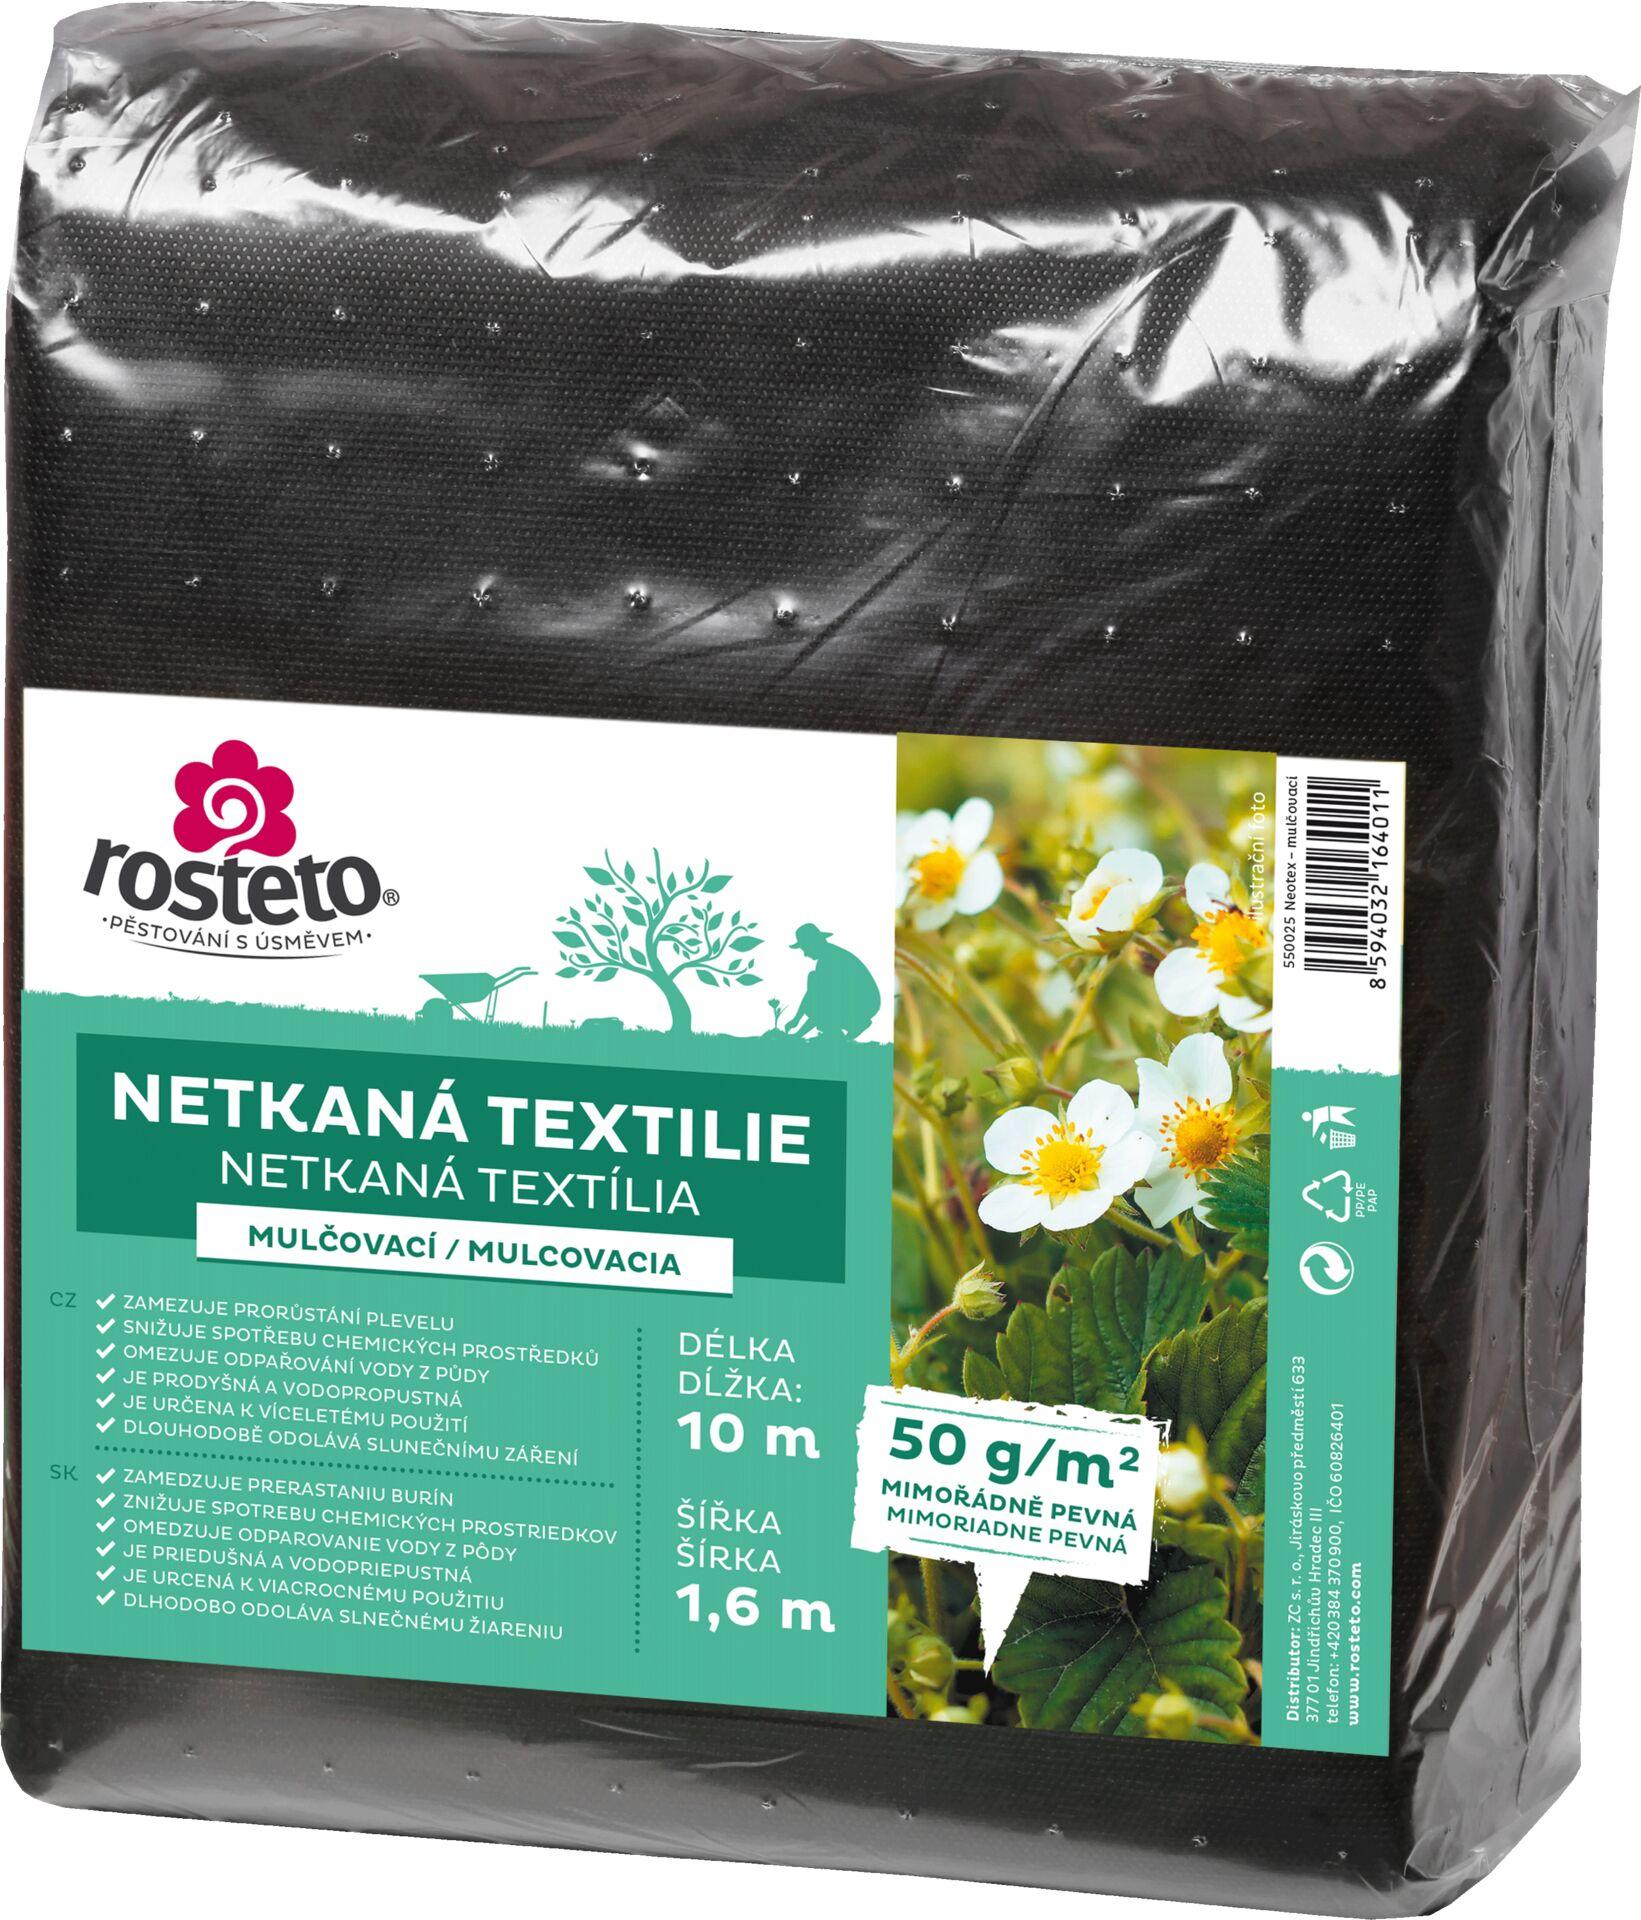 Neotex / netkaná textilie Rosteto - černý 50g šíře 10 x 1,6 m